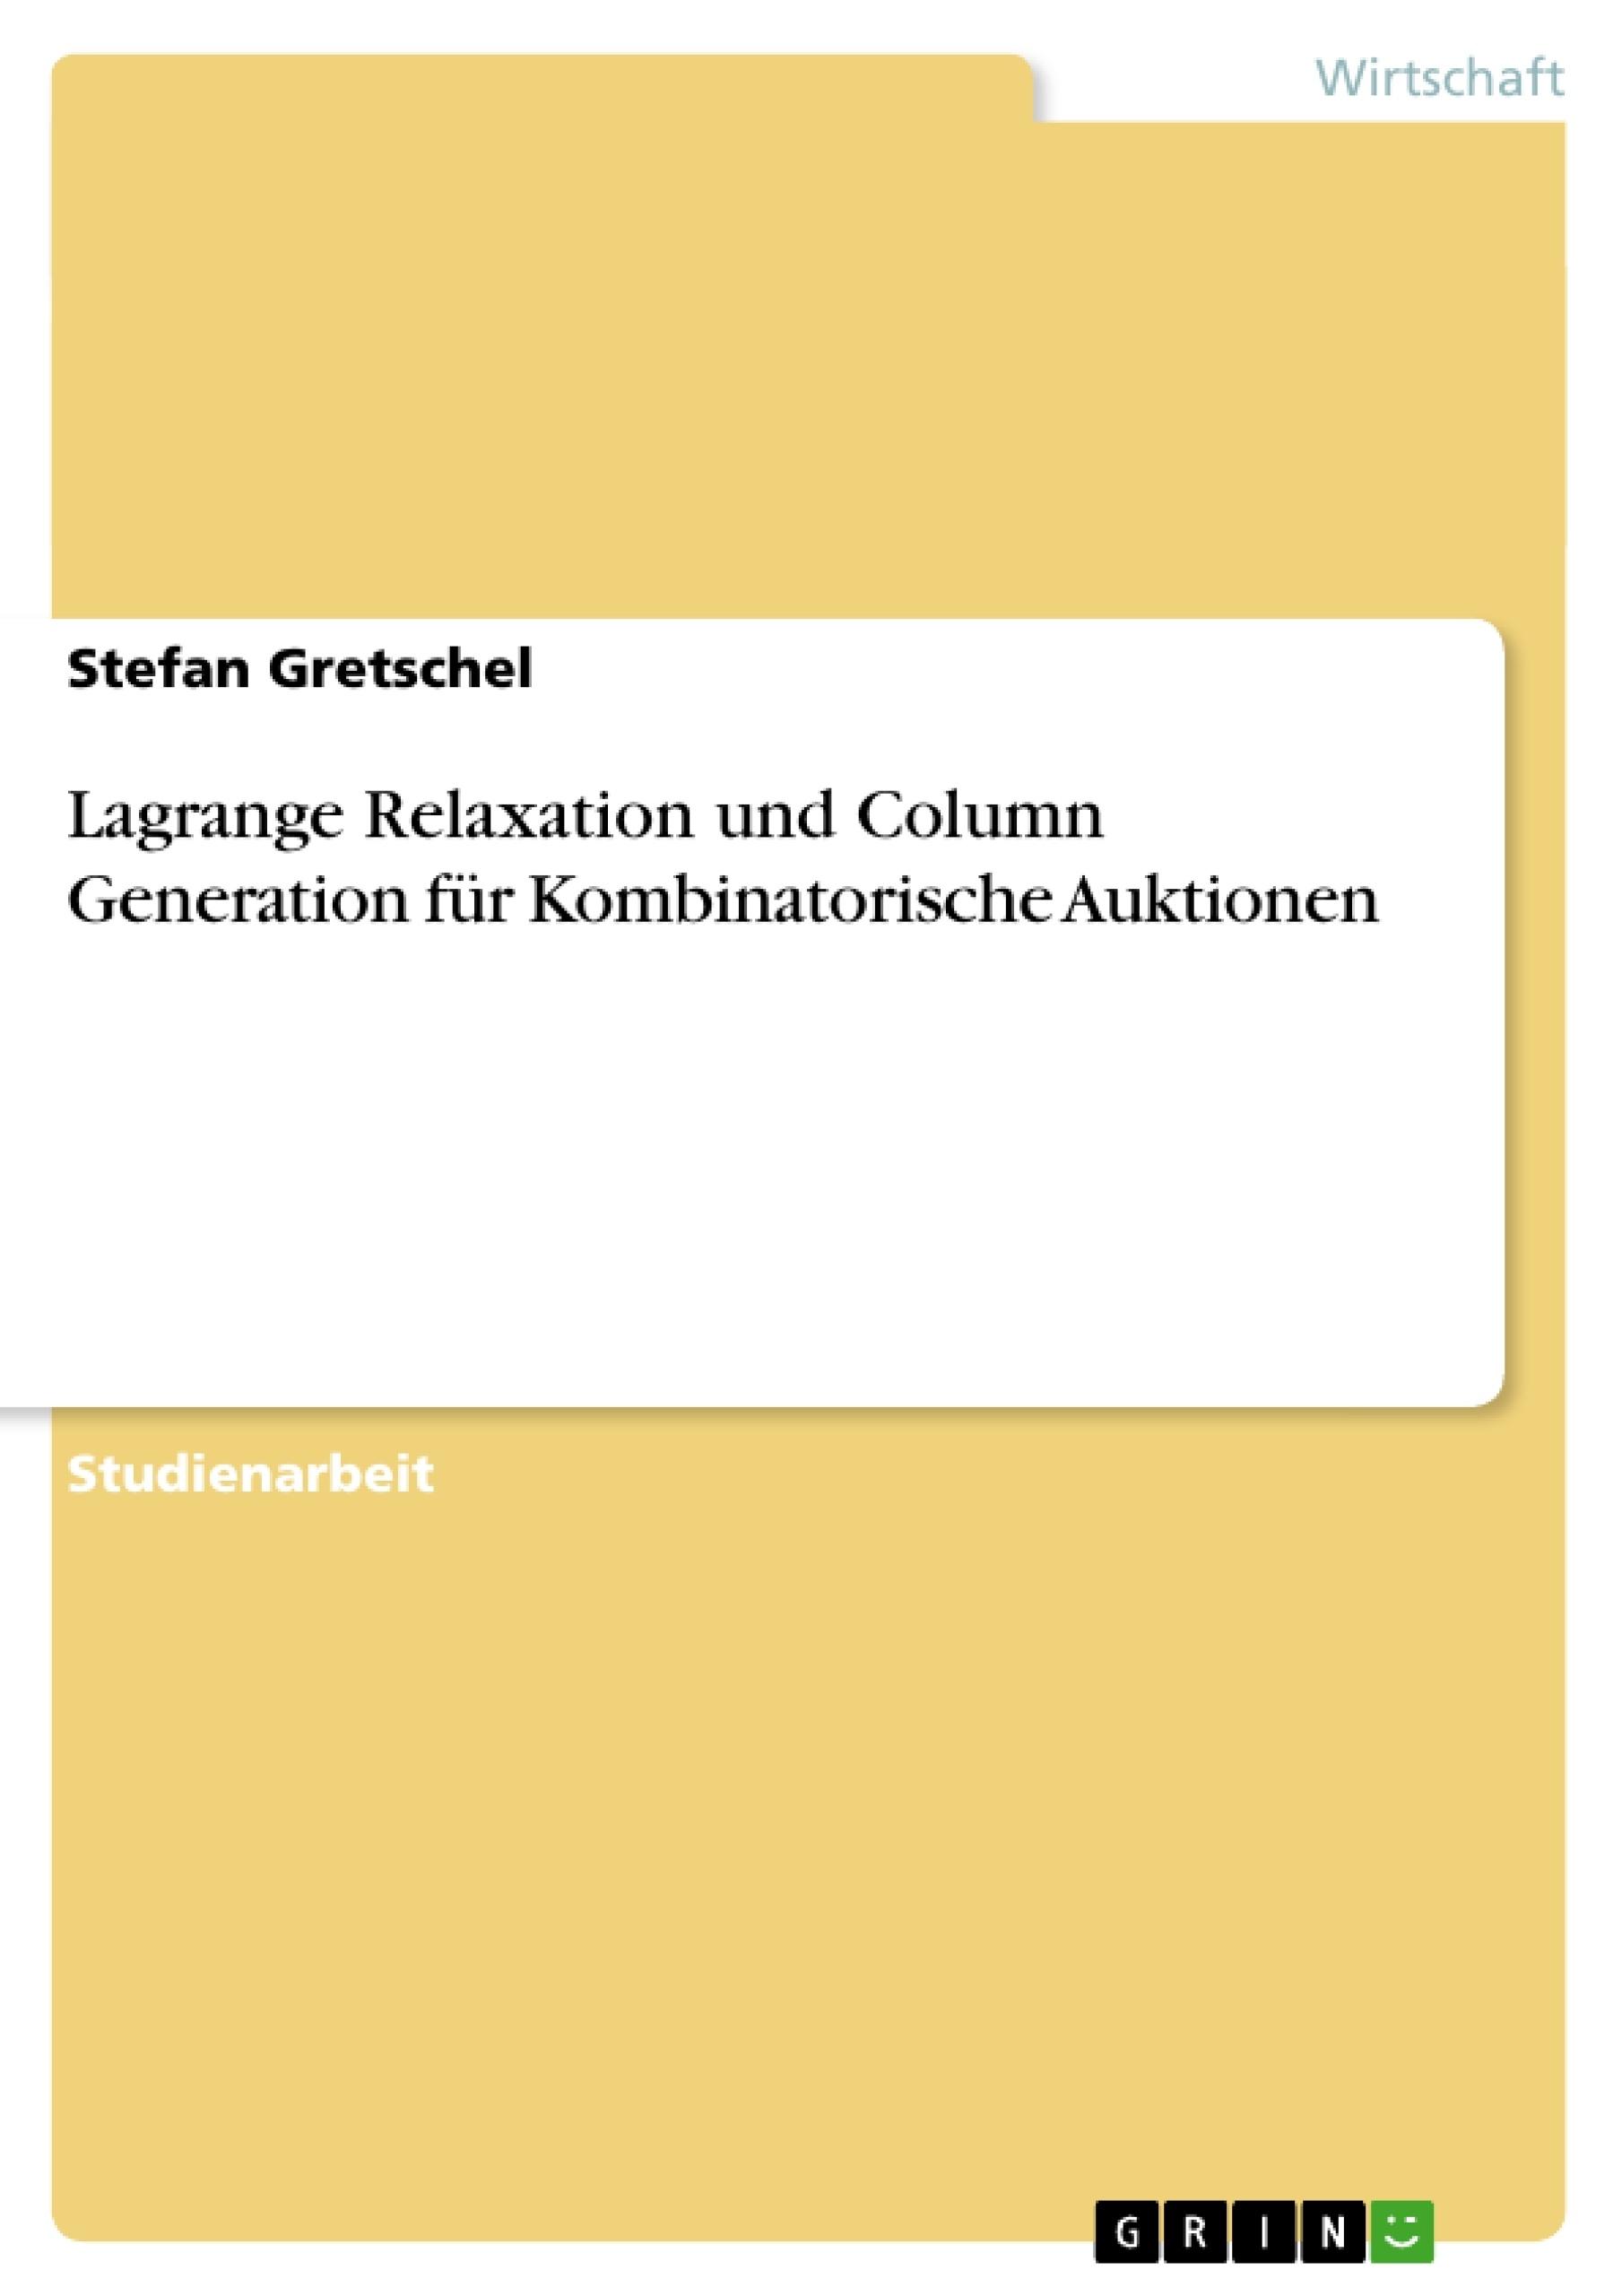 Titel: Lagrange Relaxation und Column Generation für Kombinatorische Auktionen